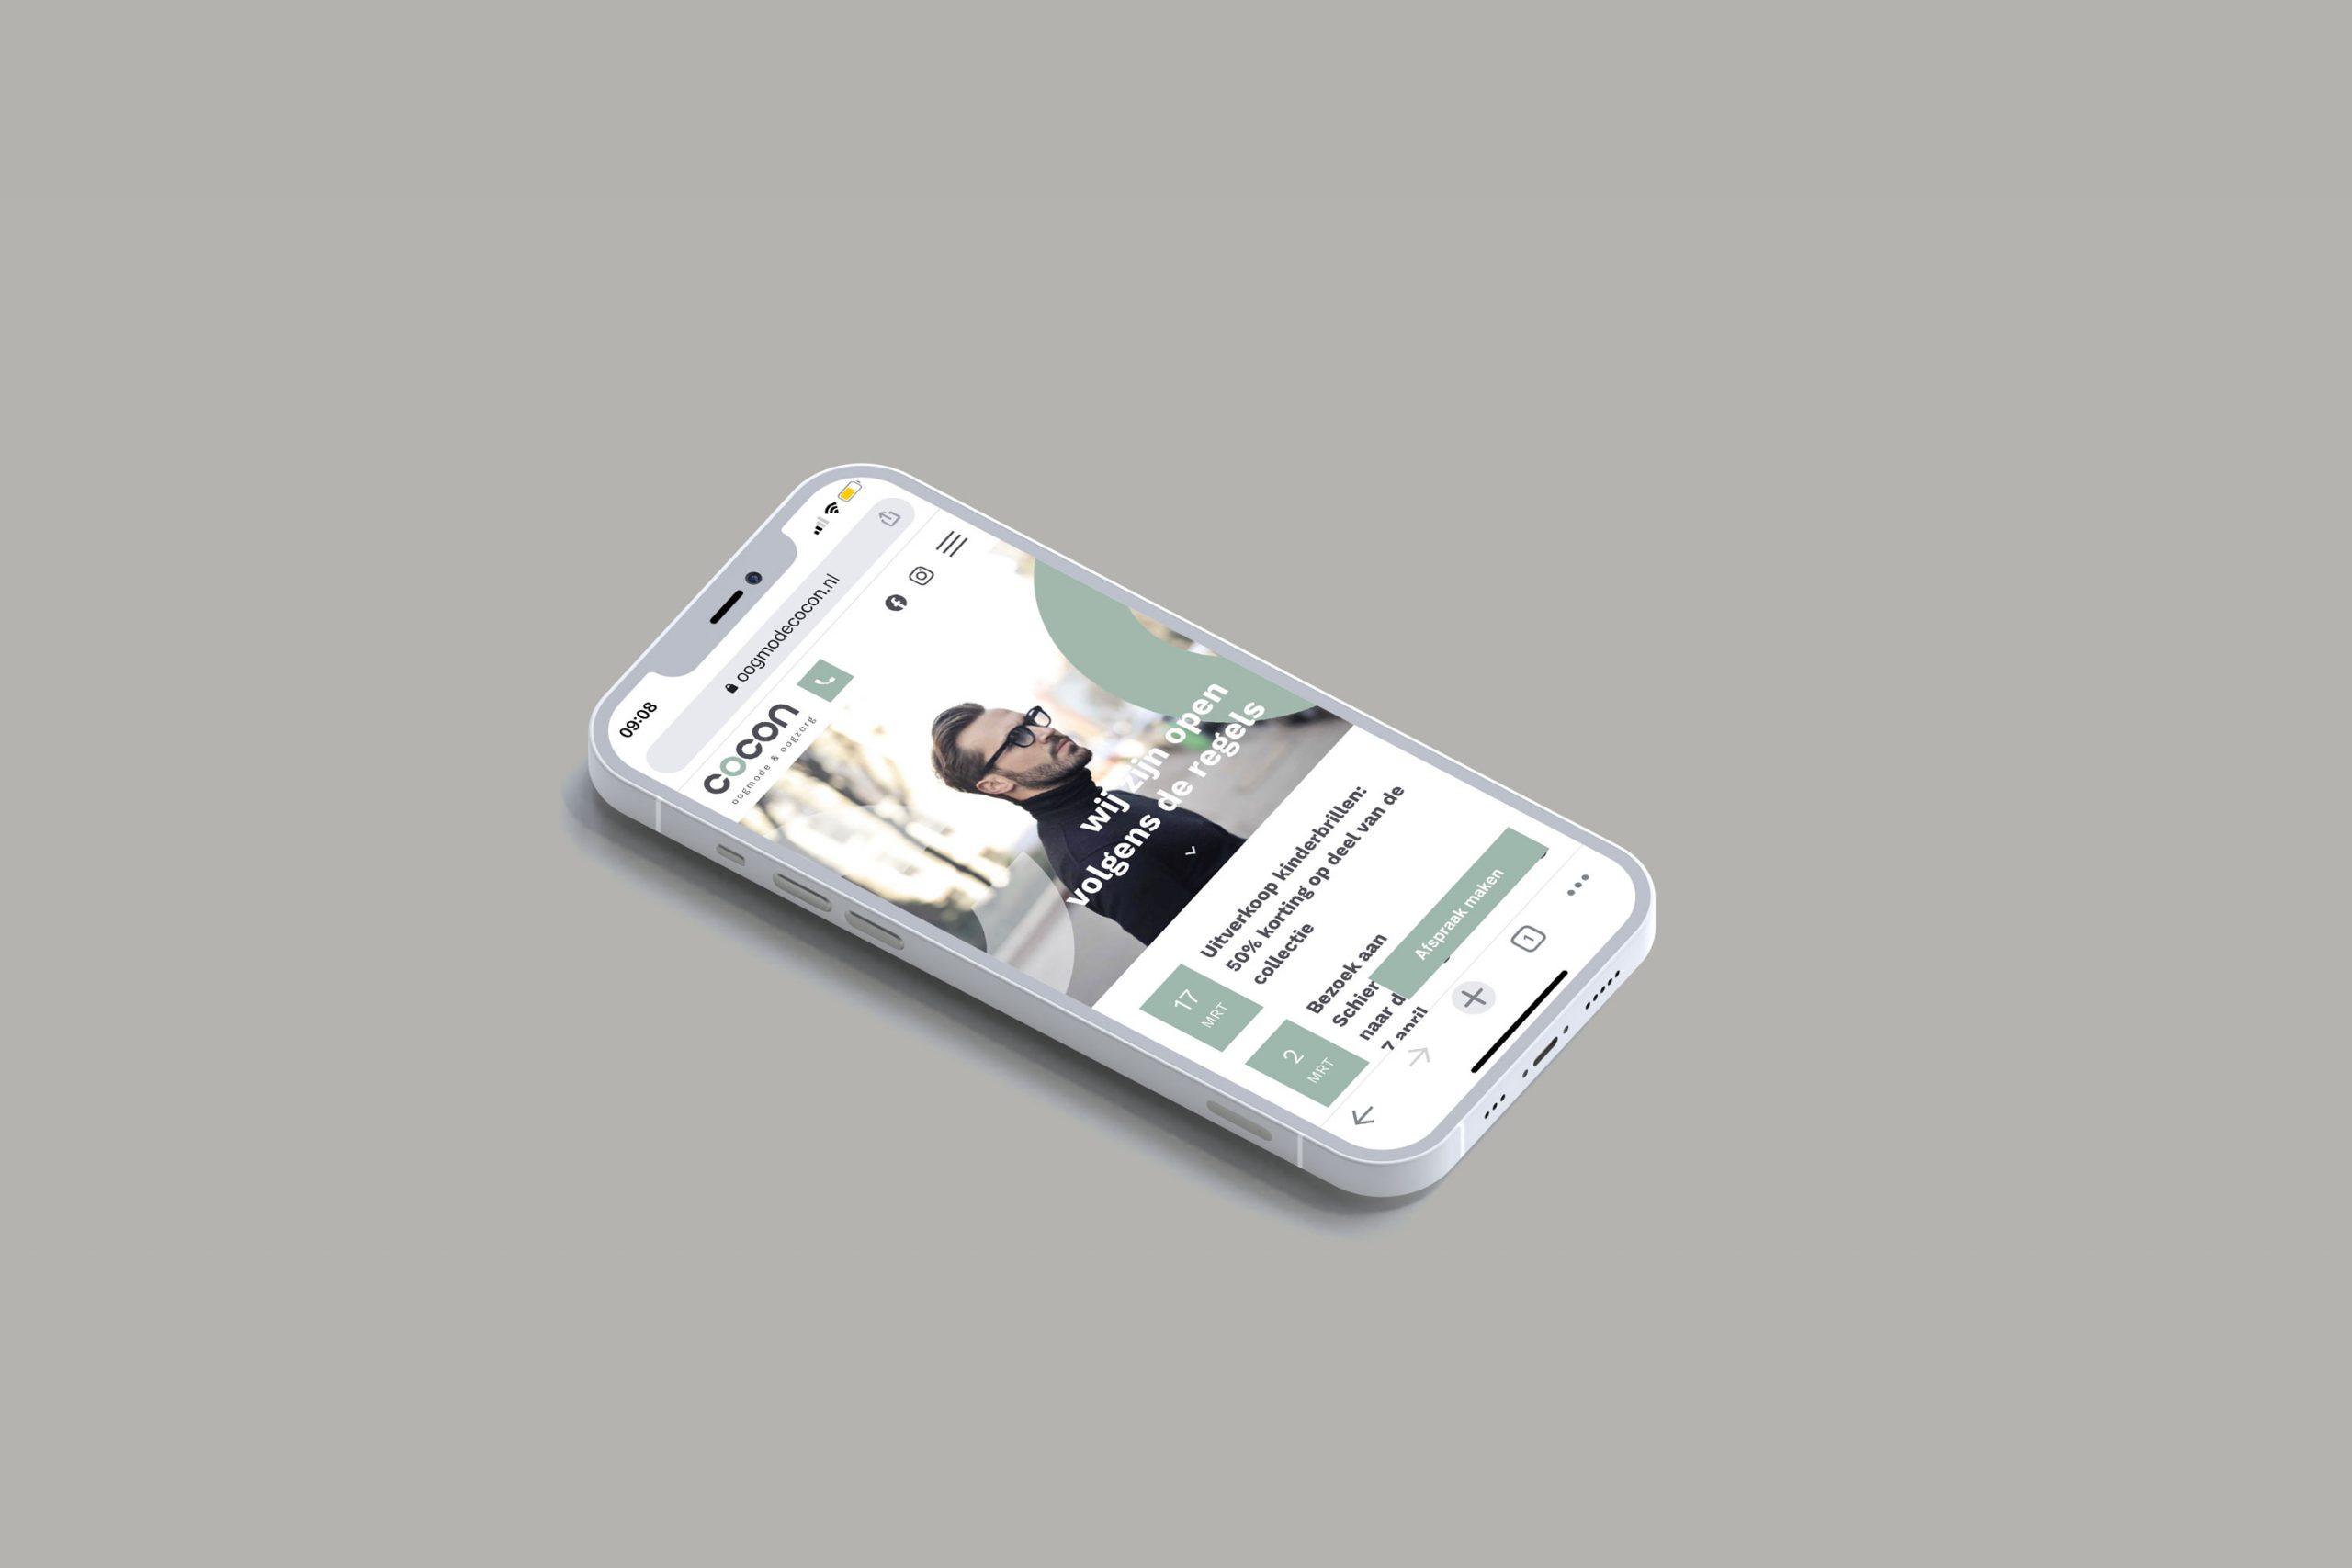 webdesign mobile cocon